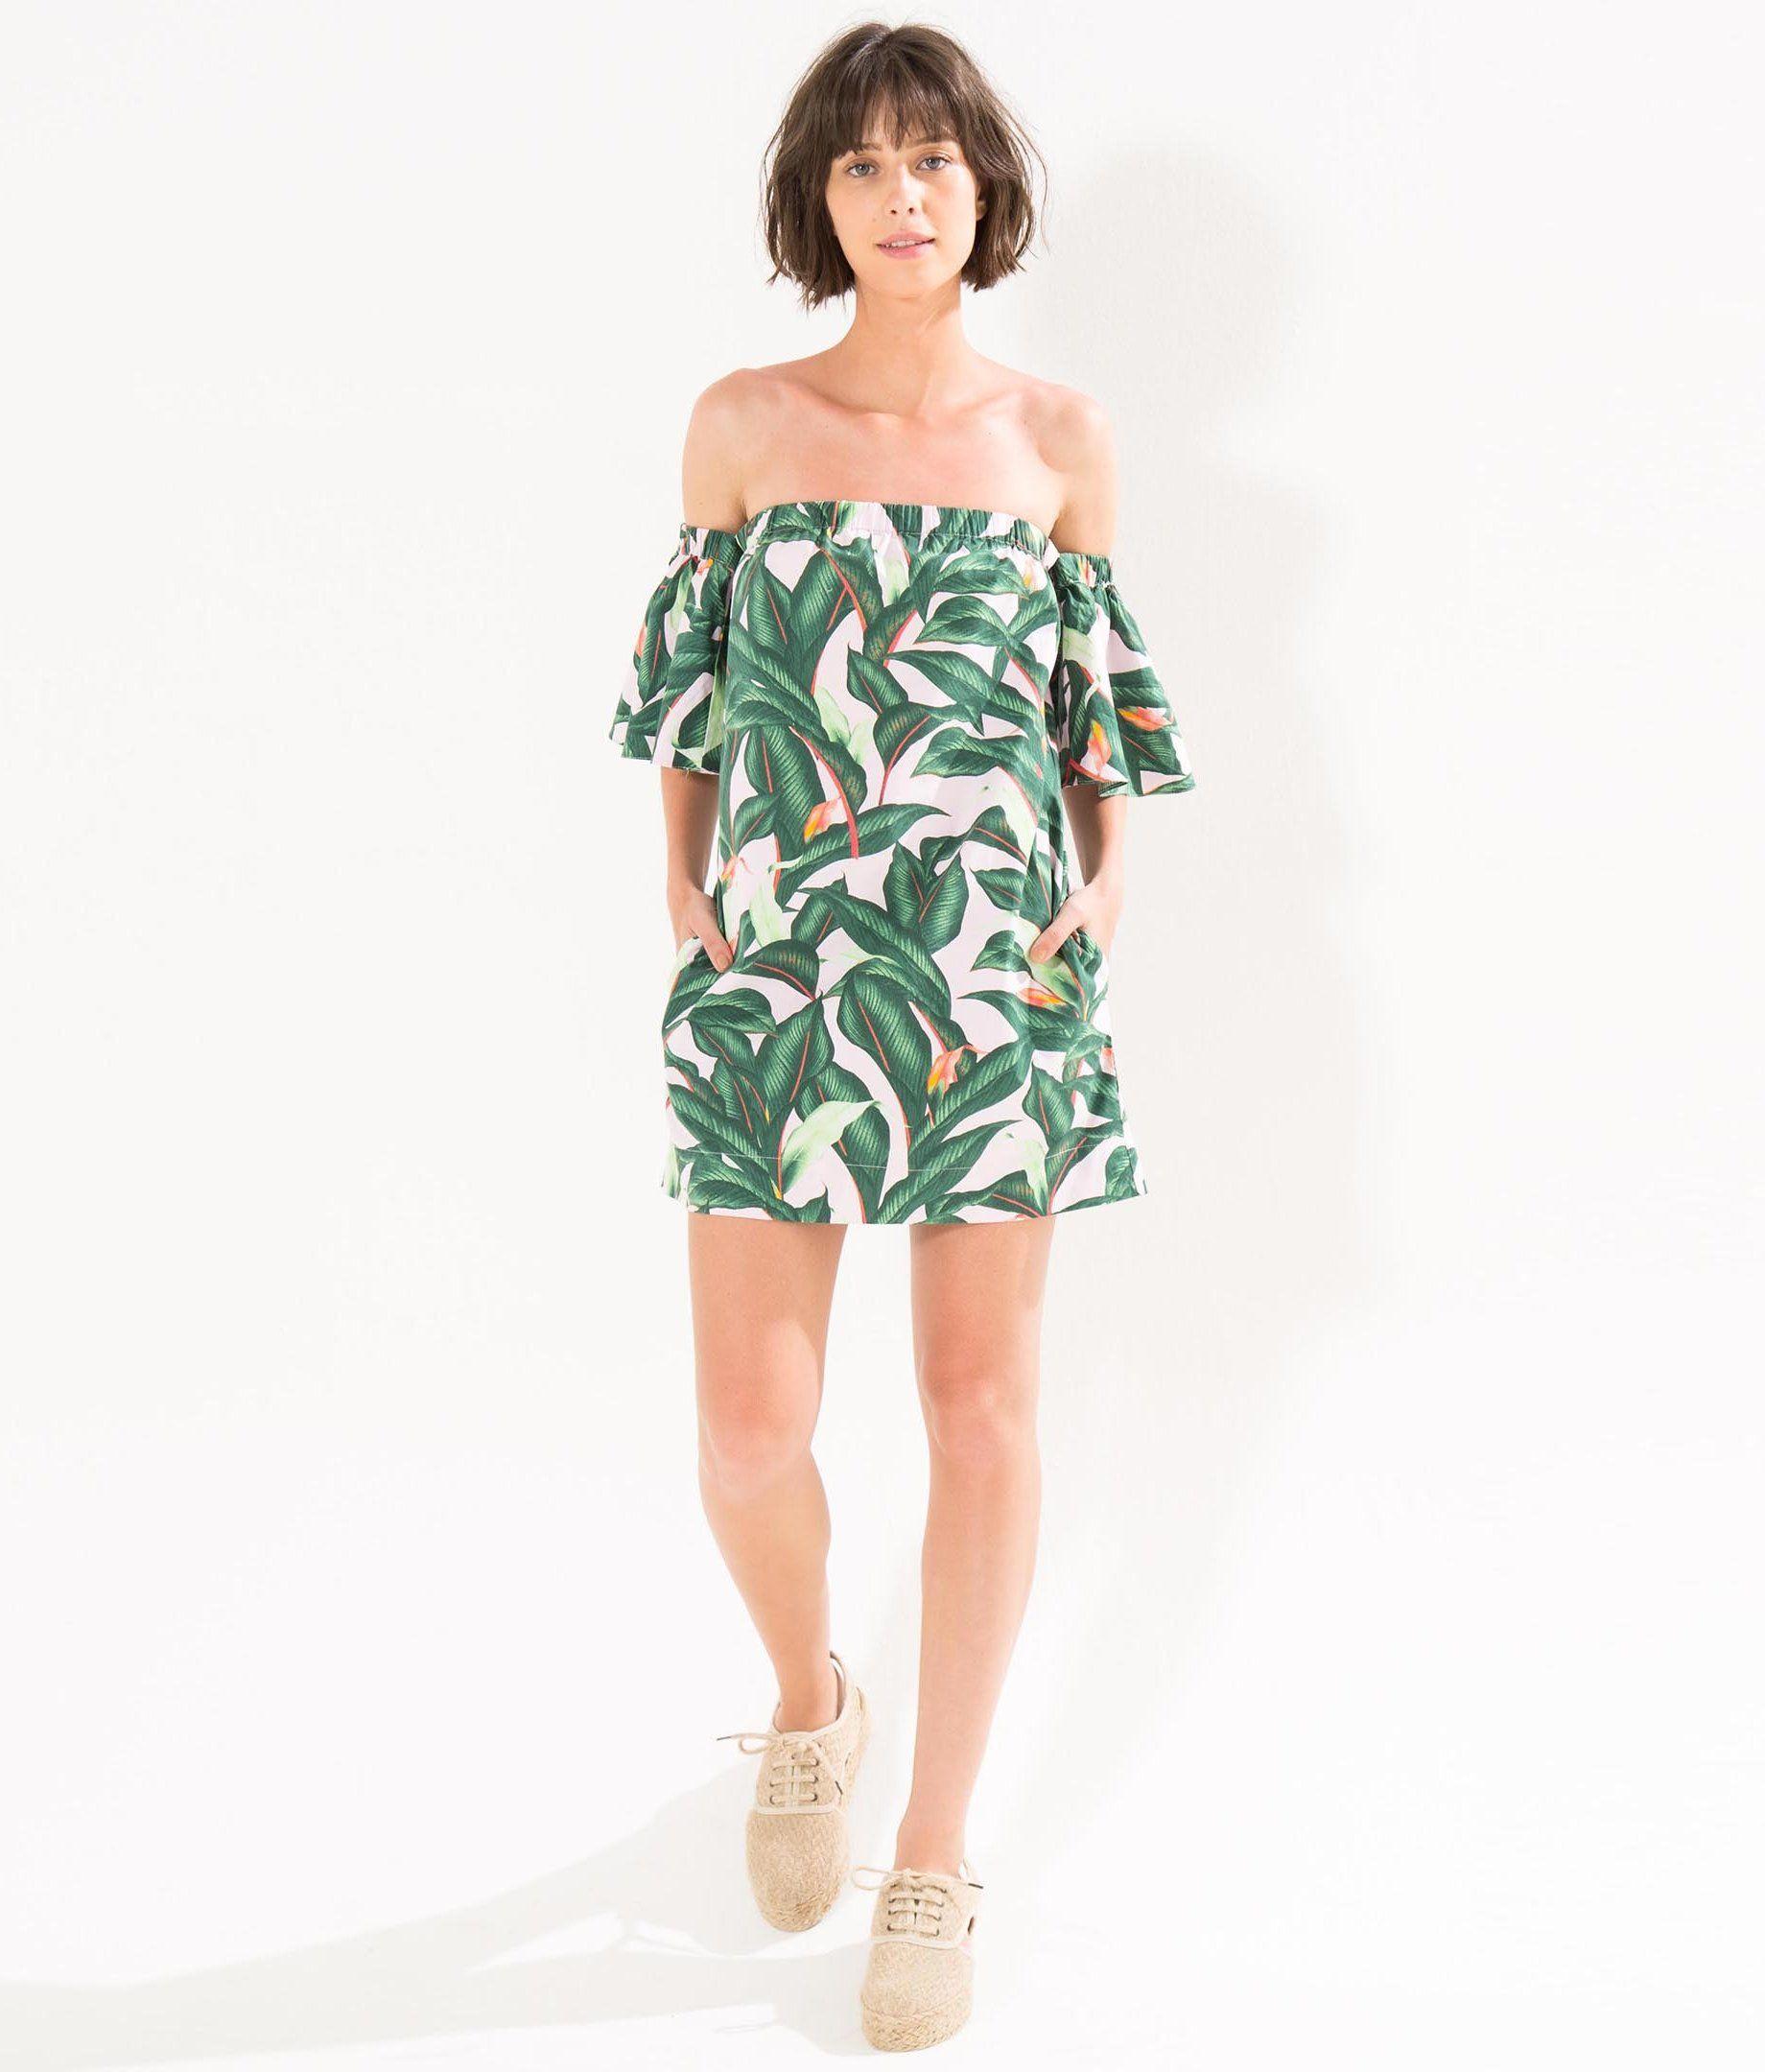 b5db3df6d vestido estrutura floresta linda   Roupas/Assessórios/Calçados ...